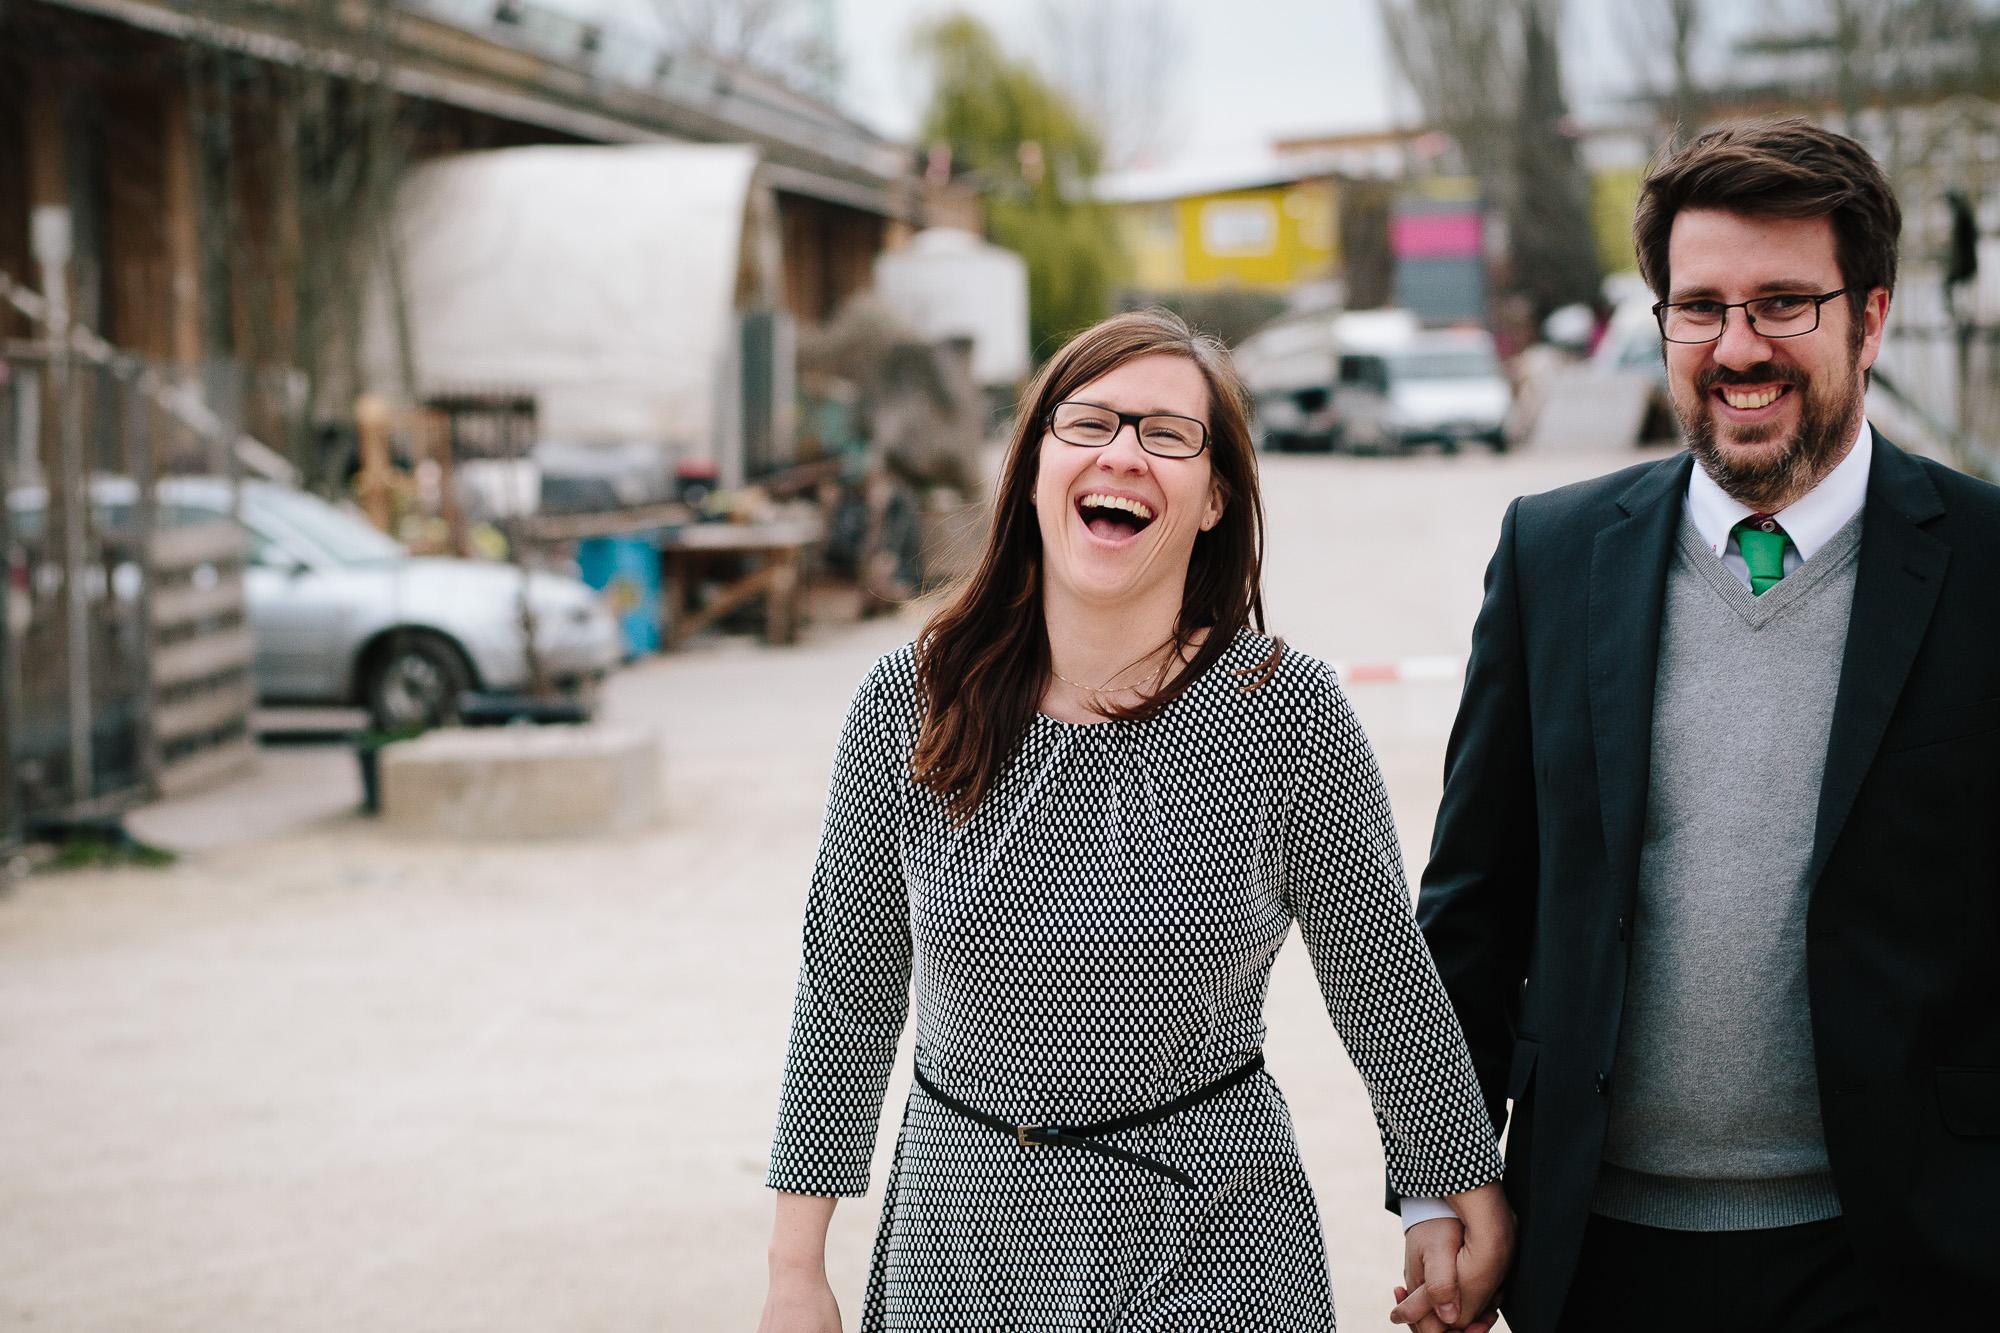 Verena und Rainer Engagement Foto Avec Amis-61